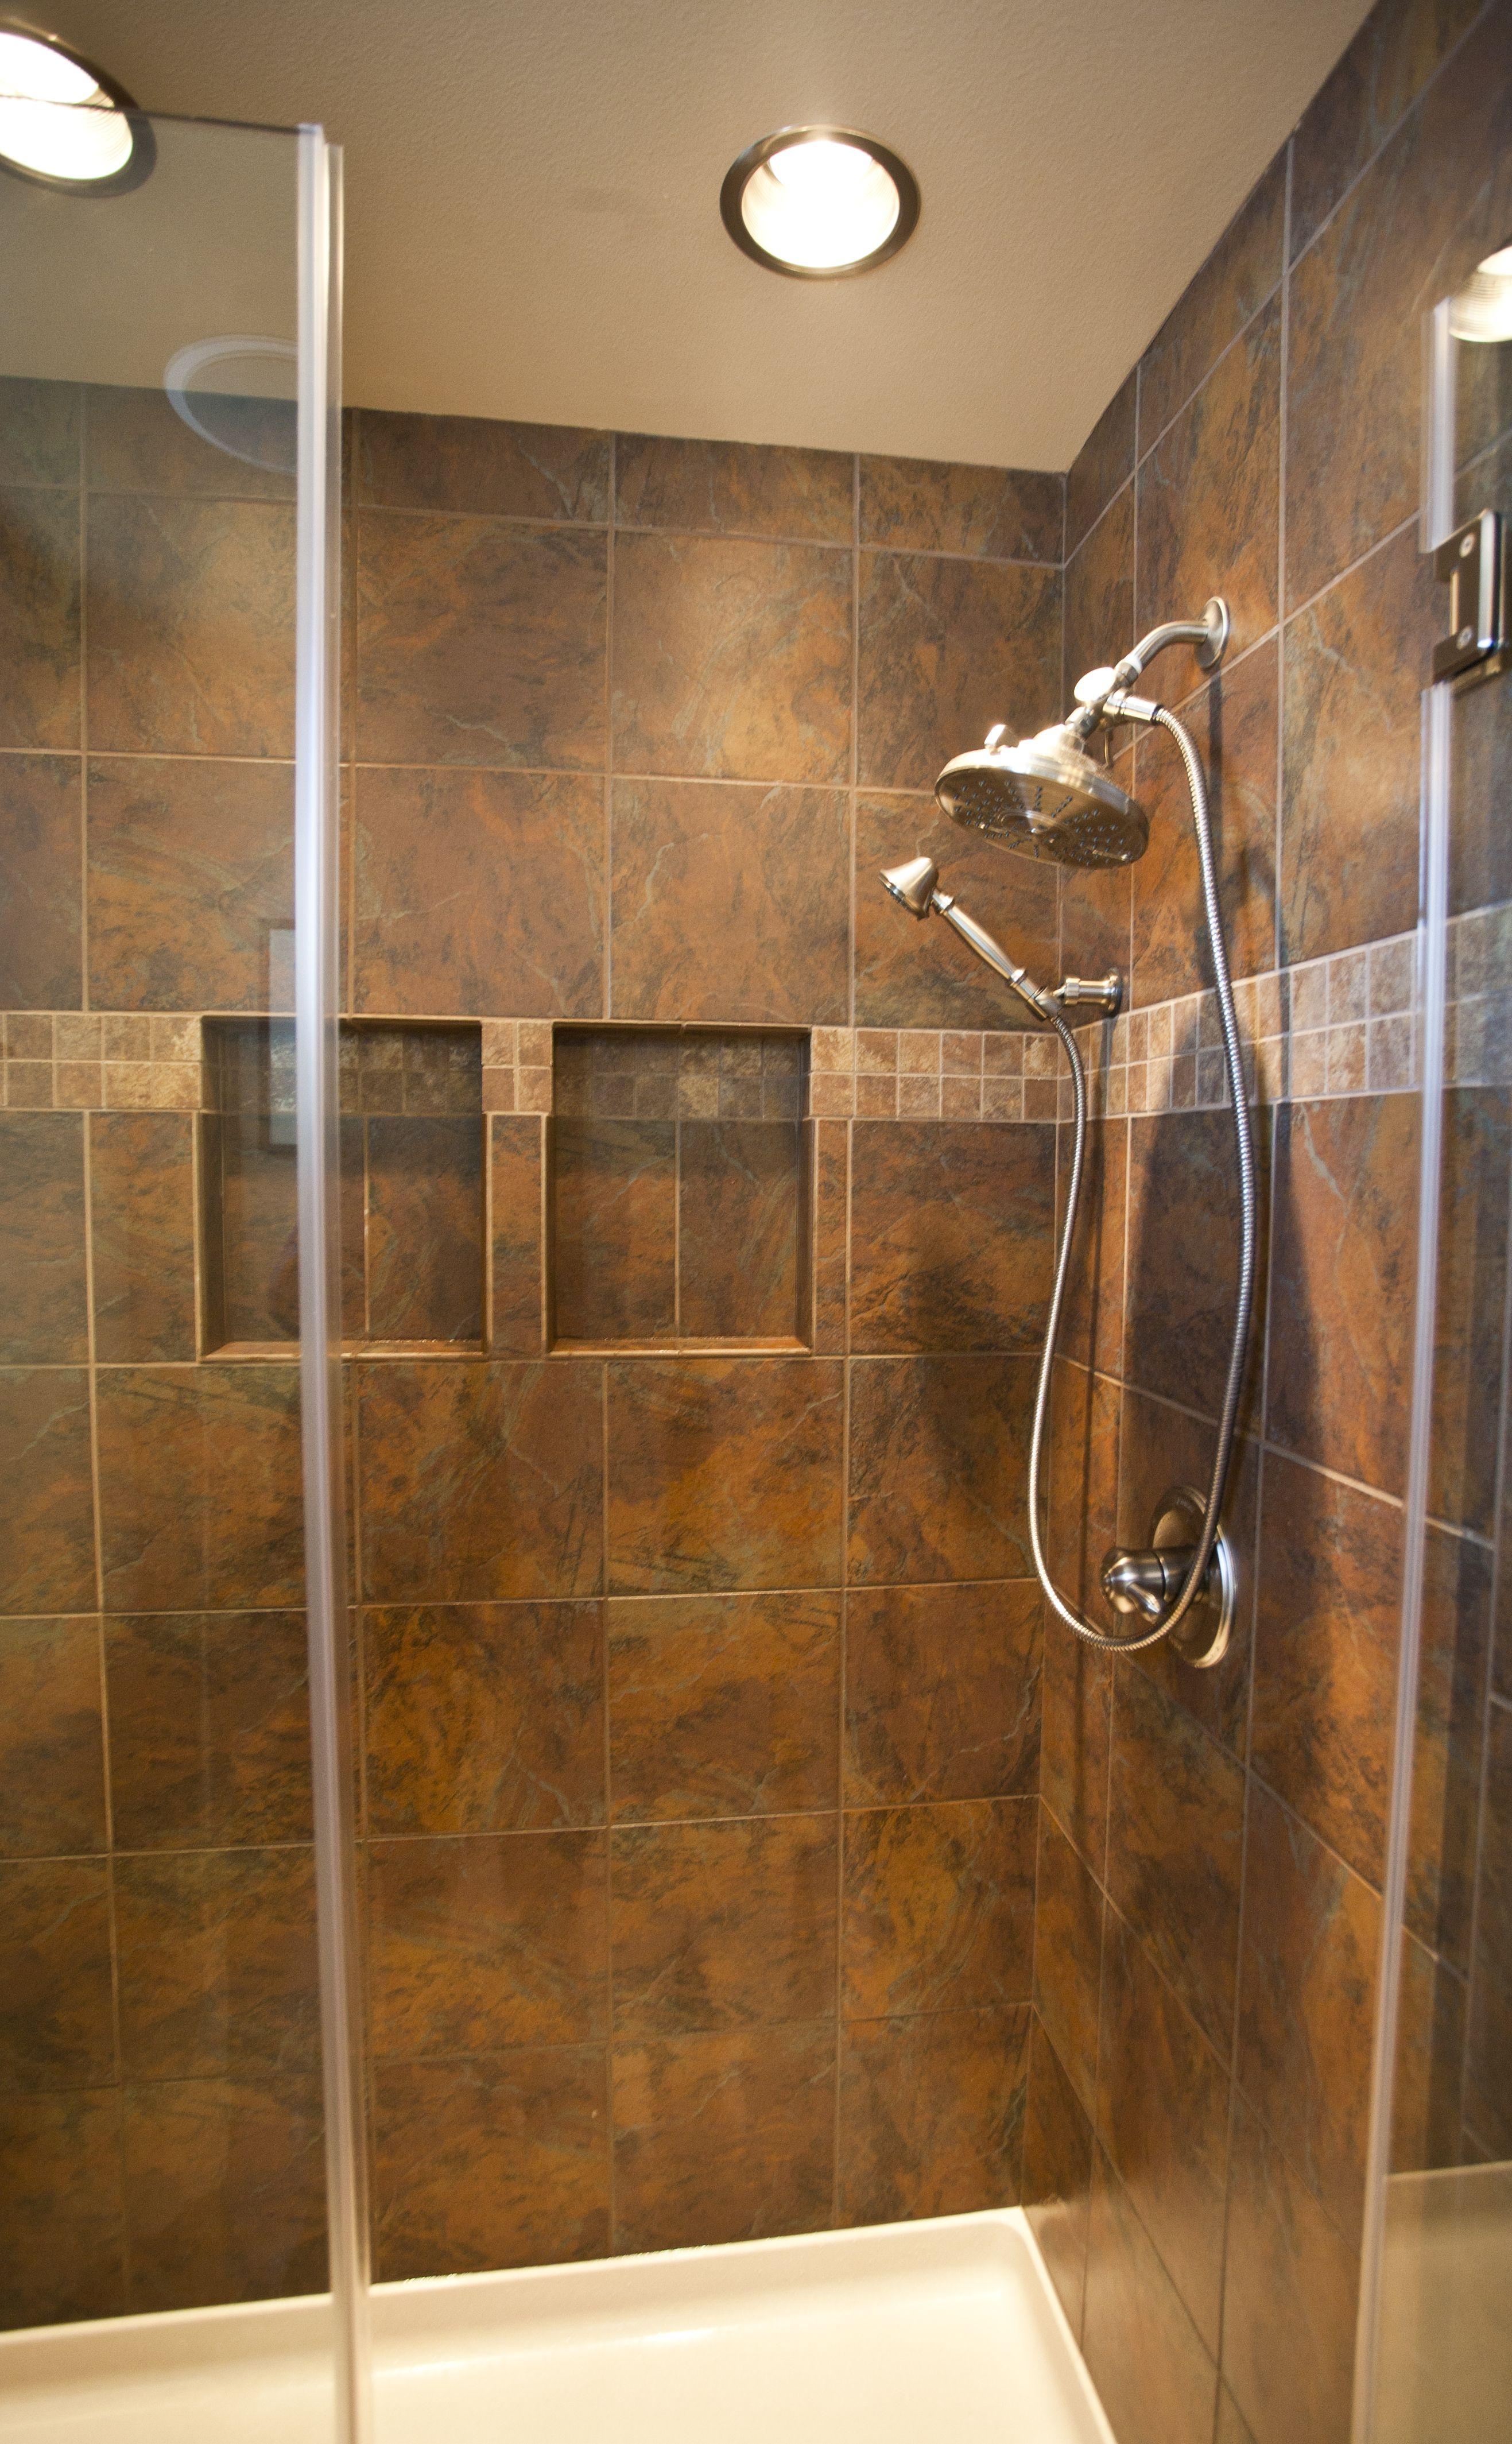 master bath shower in a slate look porcelain tile design by master bath shower in a slate look porcelain tile